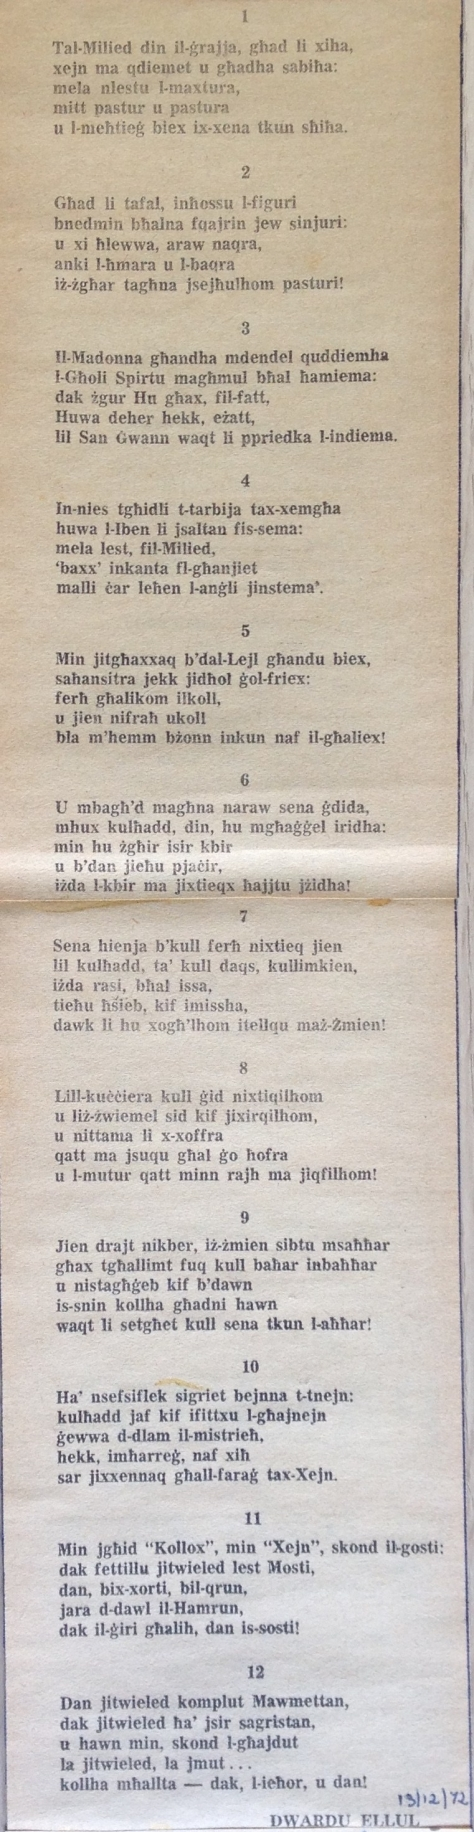 Dwardu-Ellul-Limerikki-1972-1-12.jpg